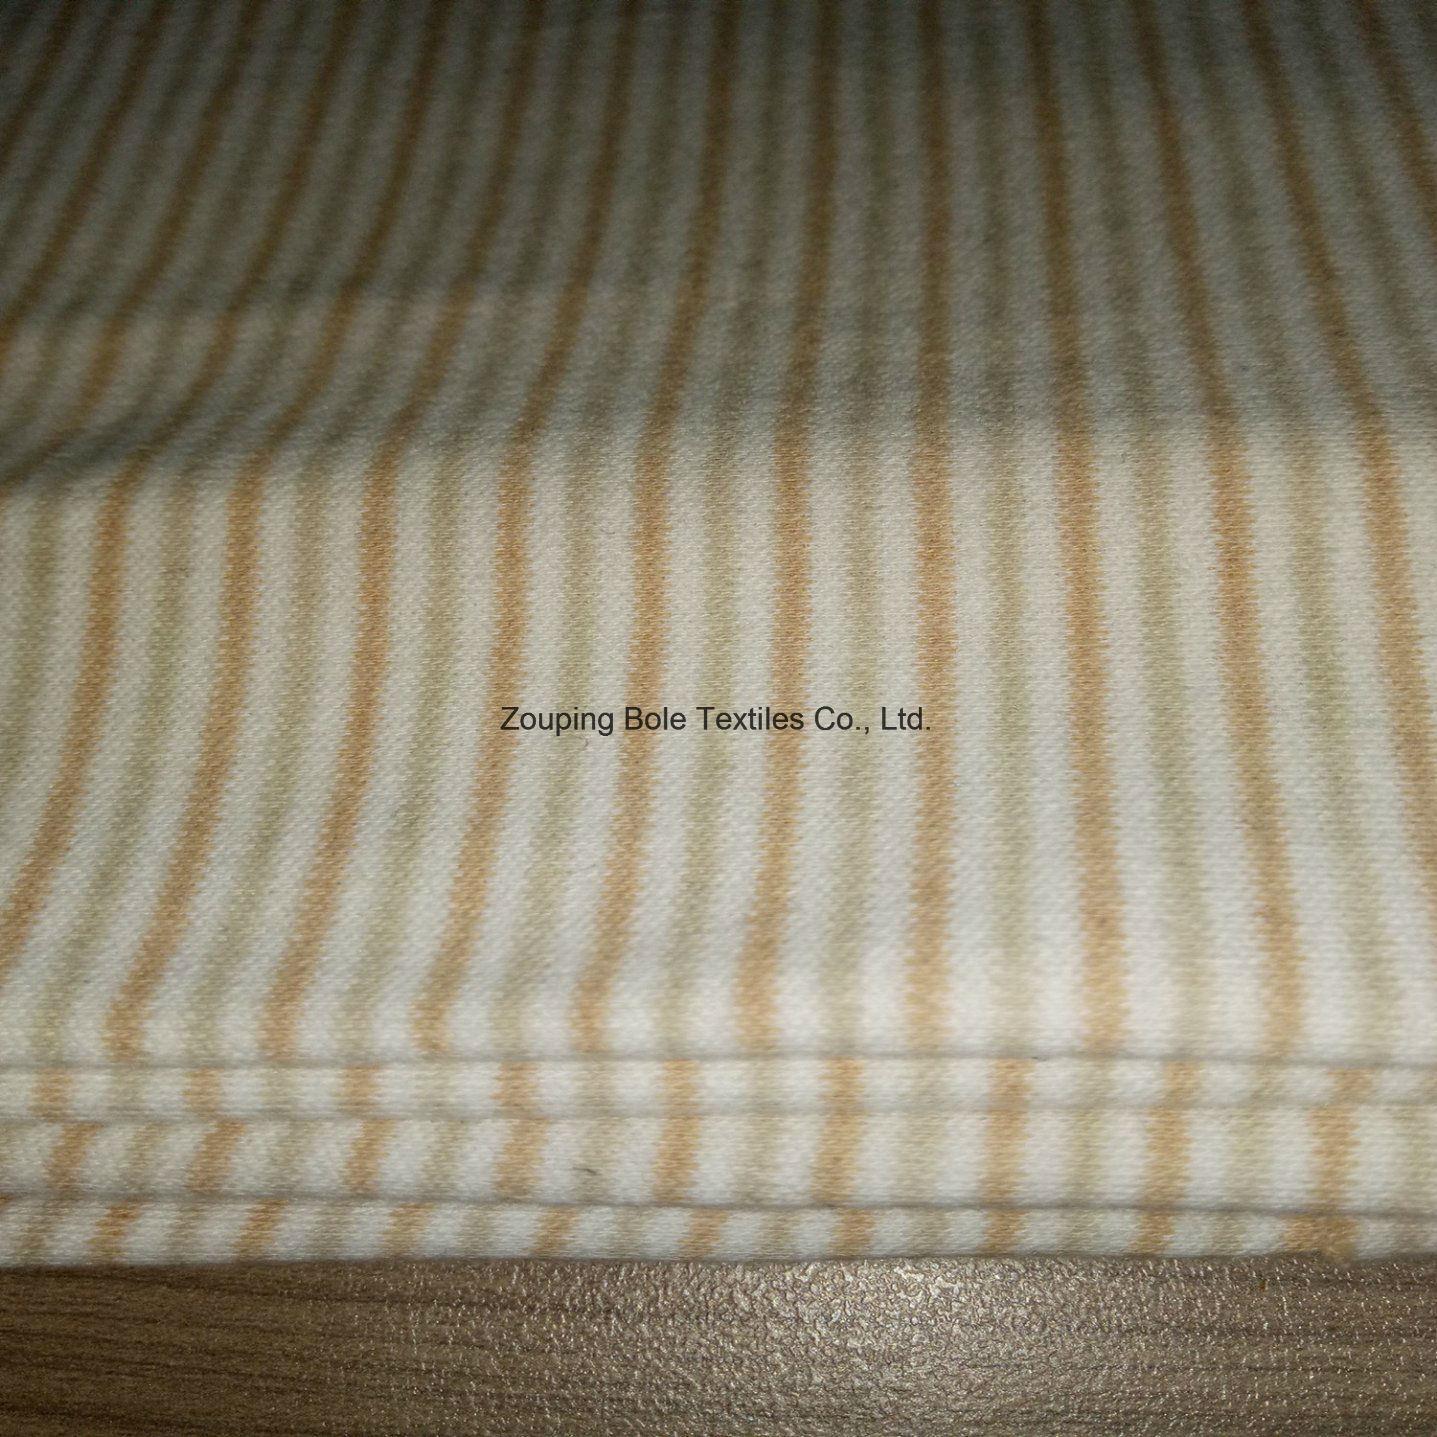 Natural Colored Cotton/Colored Cotton Cloth/Green Cotton